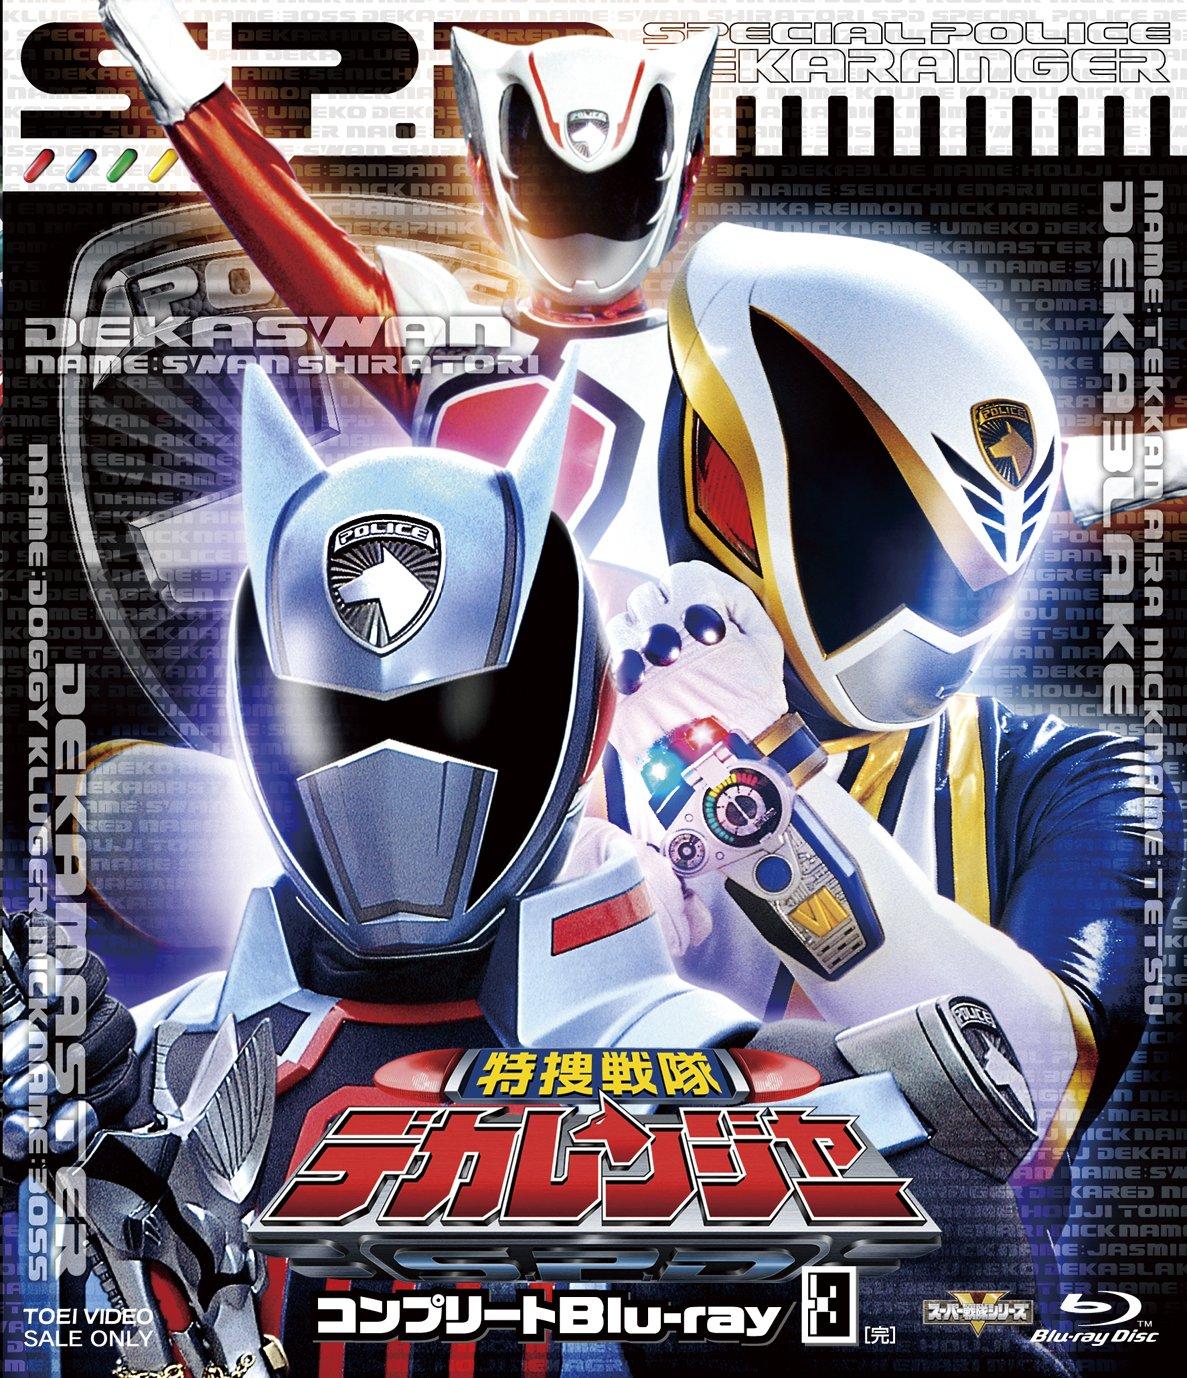 スーパー戦隊シリーズ 特捜戦隊デカレンジャー コンプリートBlu‐ray3<完> [Blu-ray] B00VRJ51PC